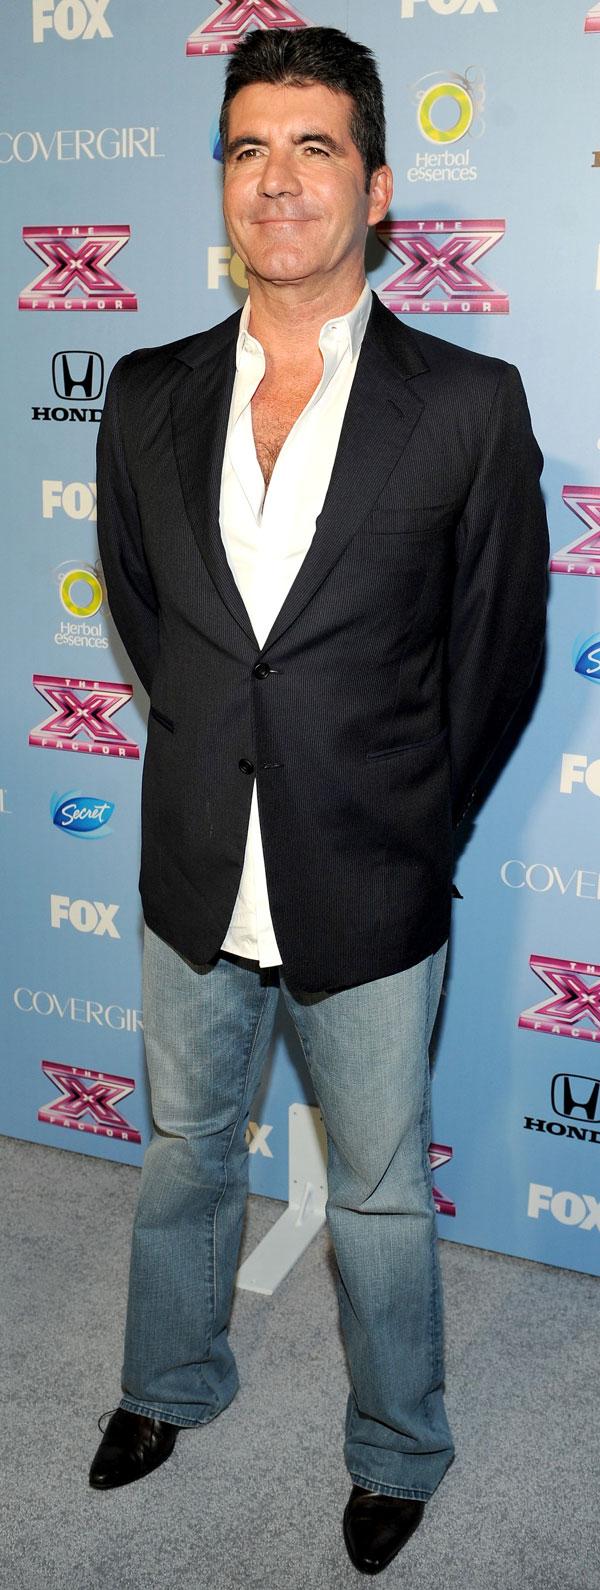 X-Factor-Simon-Cowell